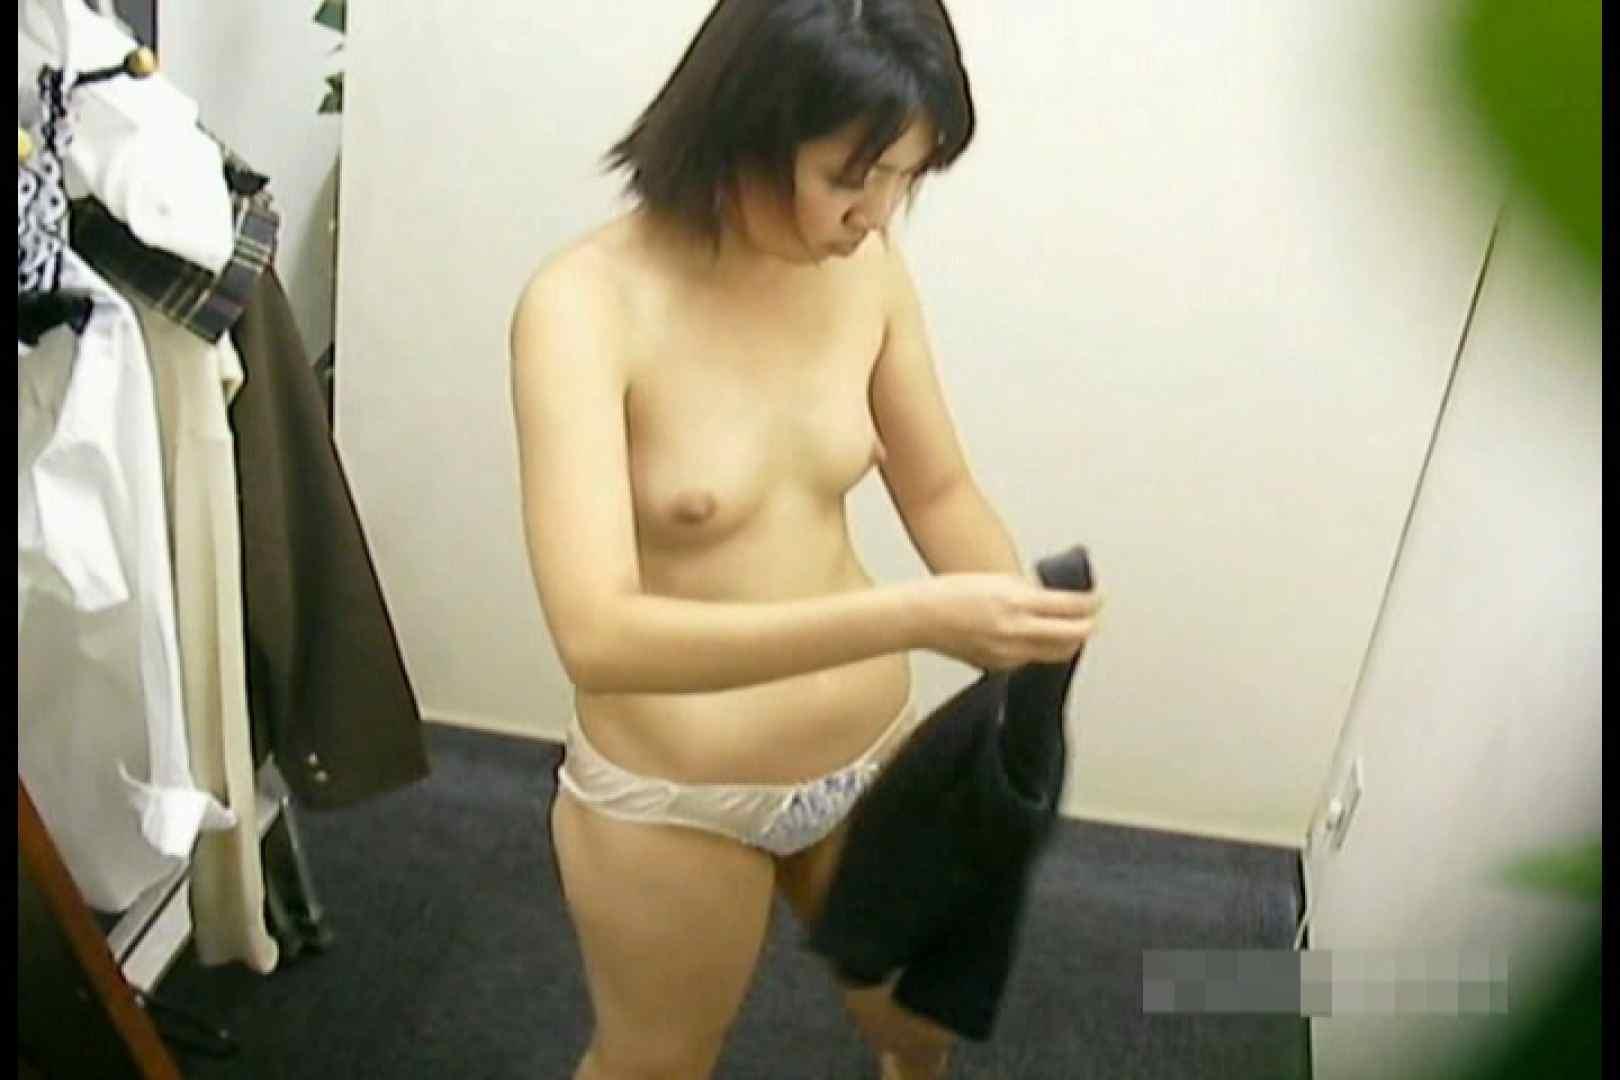 素人撮影 下着だけの撮影のはずが・・・ちか26歳 盗撮 おめこ無修正動画無料 103pic 94